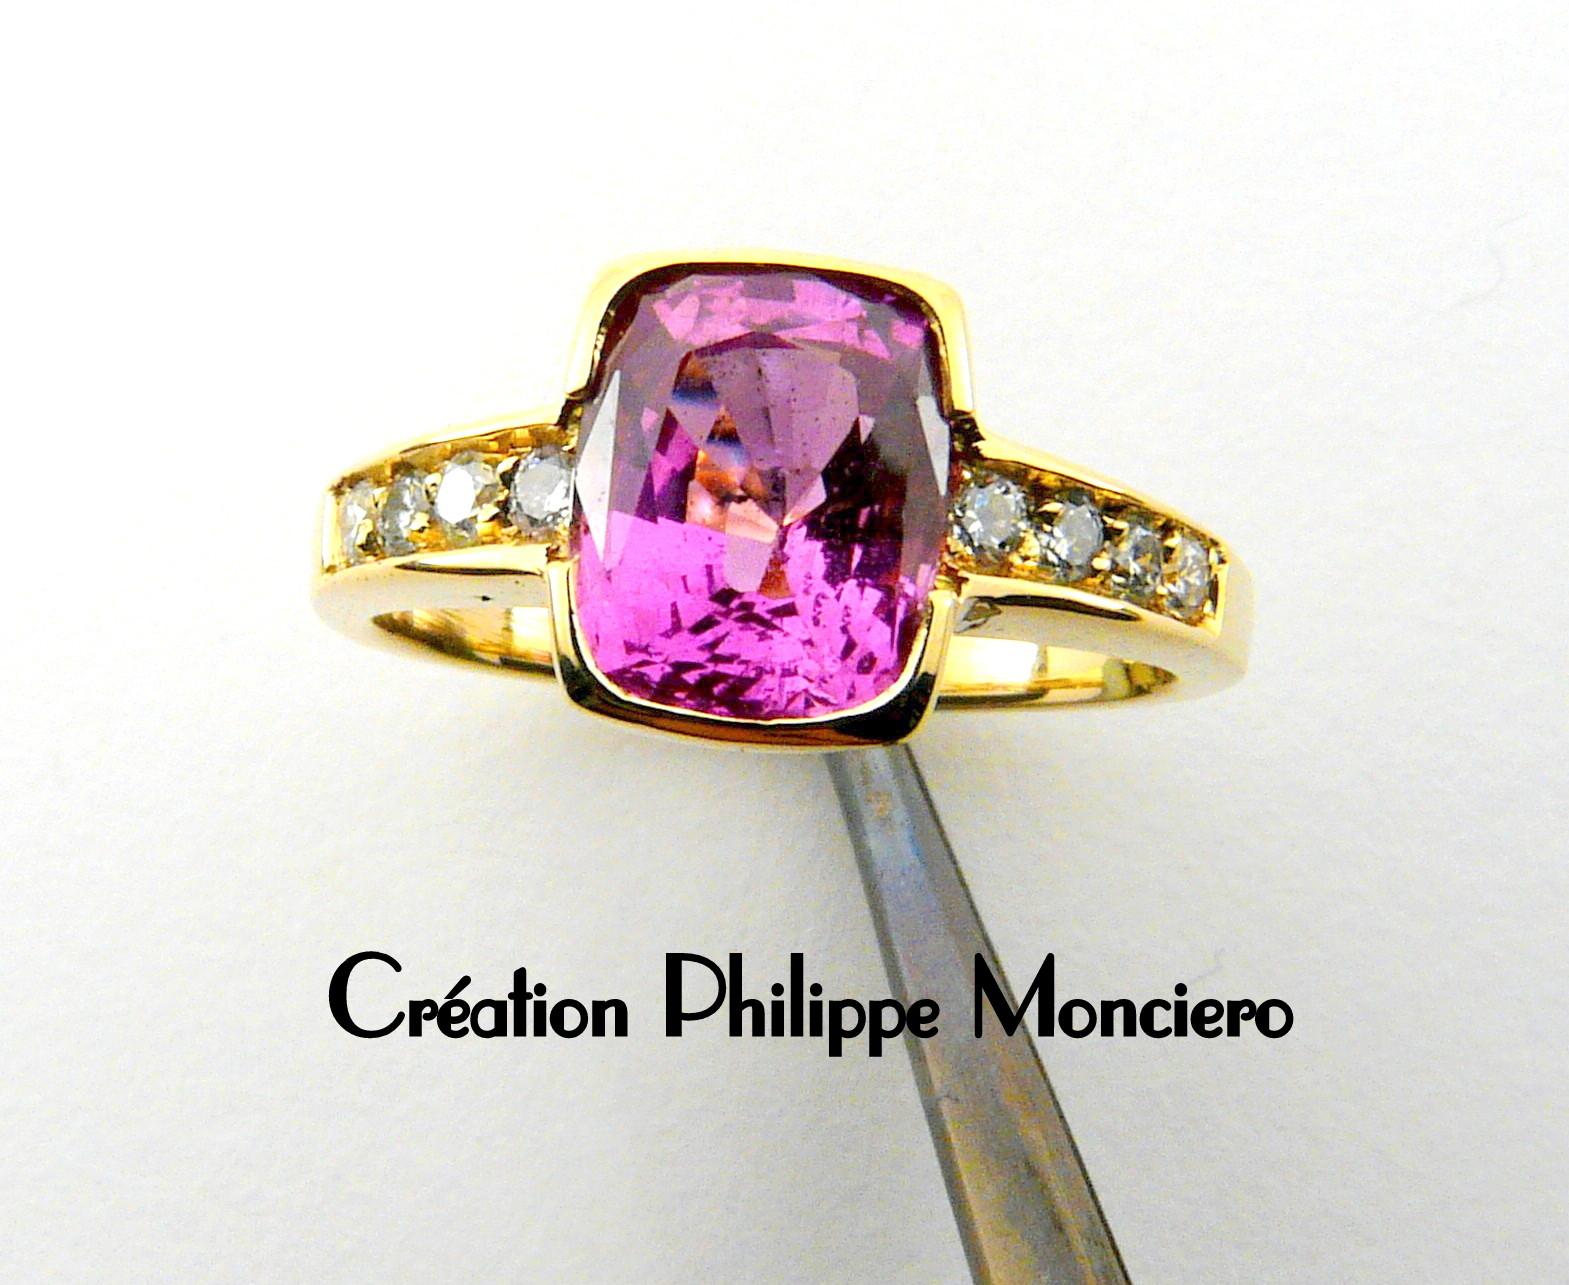 Bague or jaune, saphir rose et diamants. Monciero - Nîmes